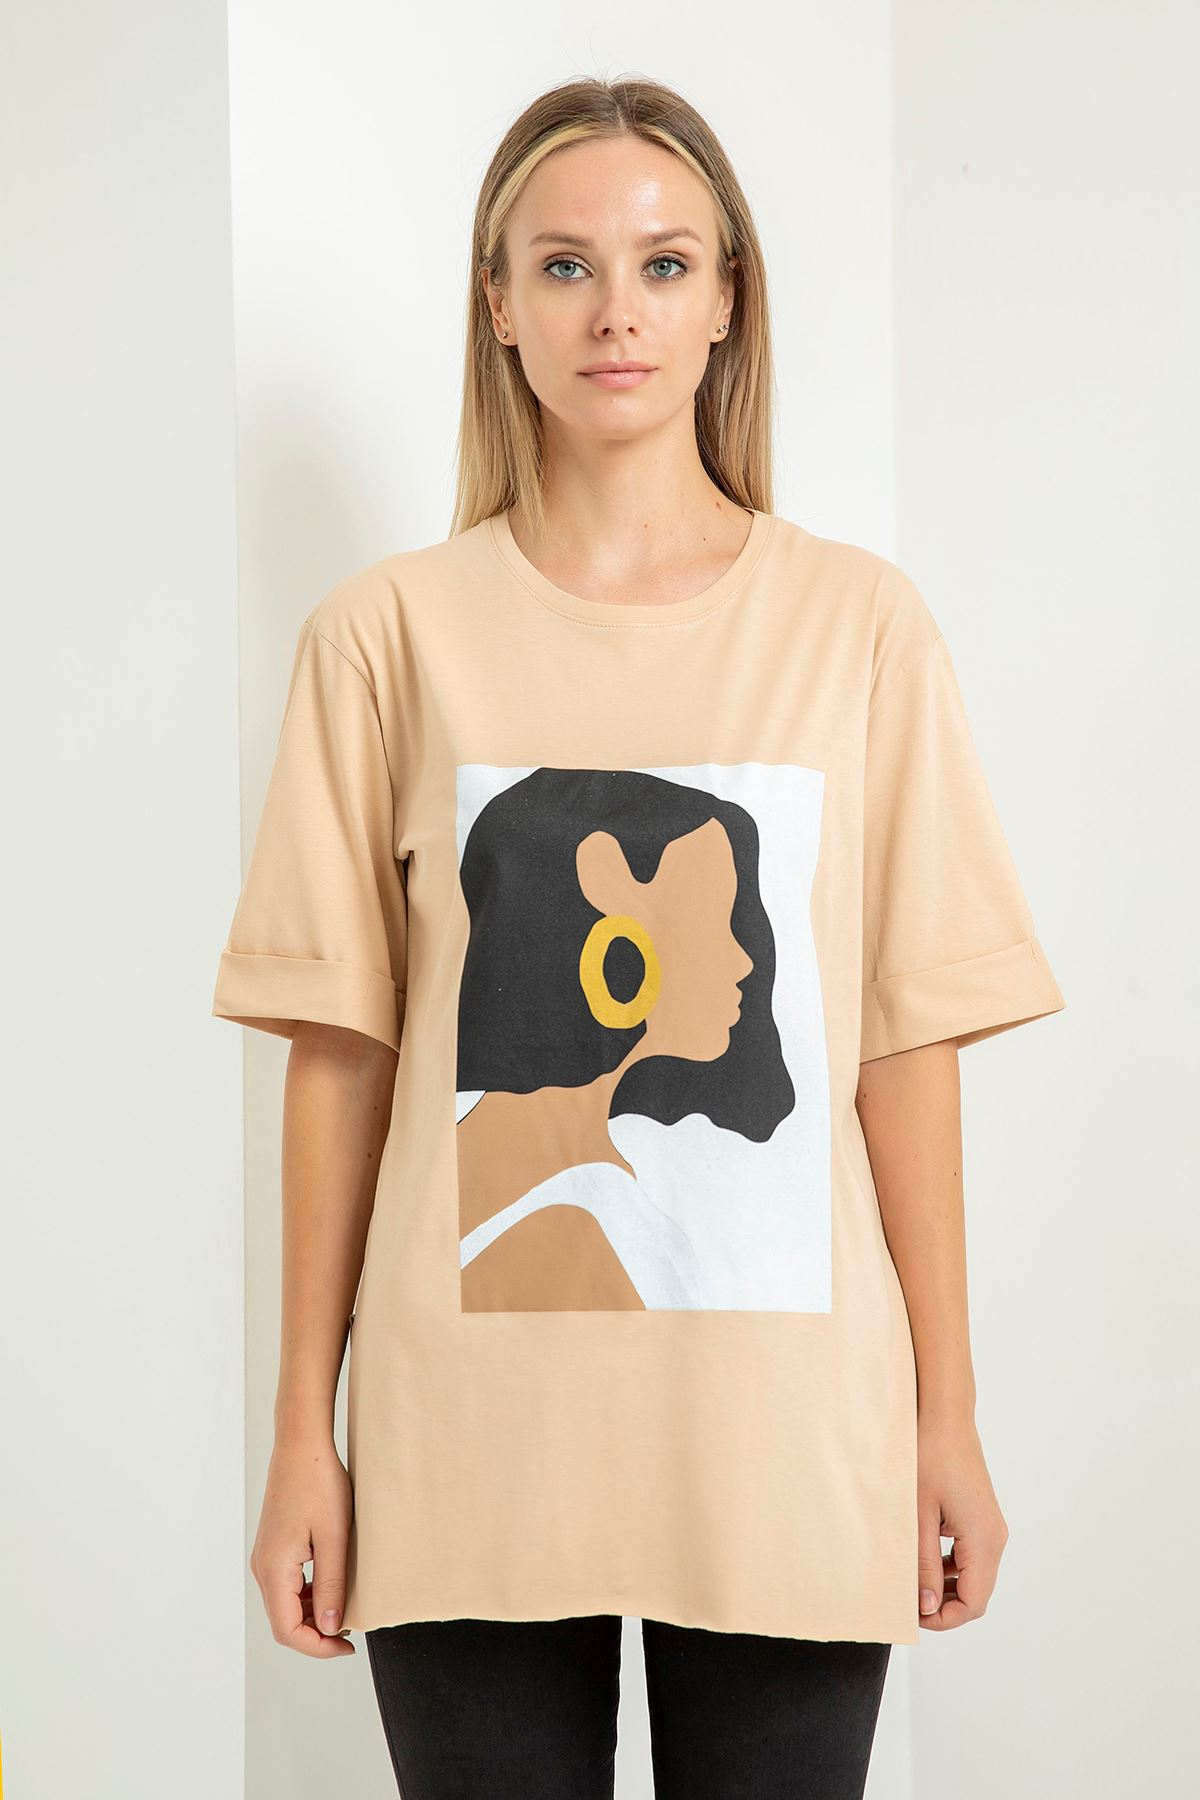 Küpeli Kız Baskılı T-Shirt-Taş